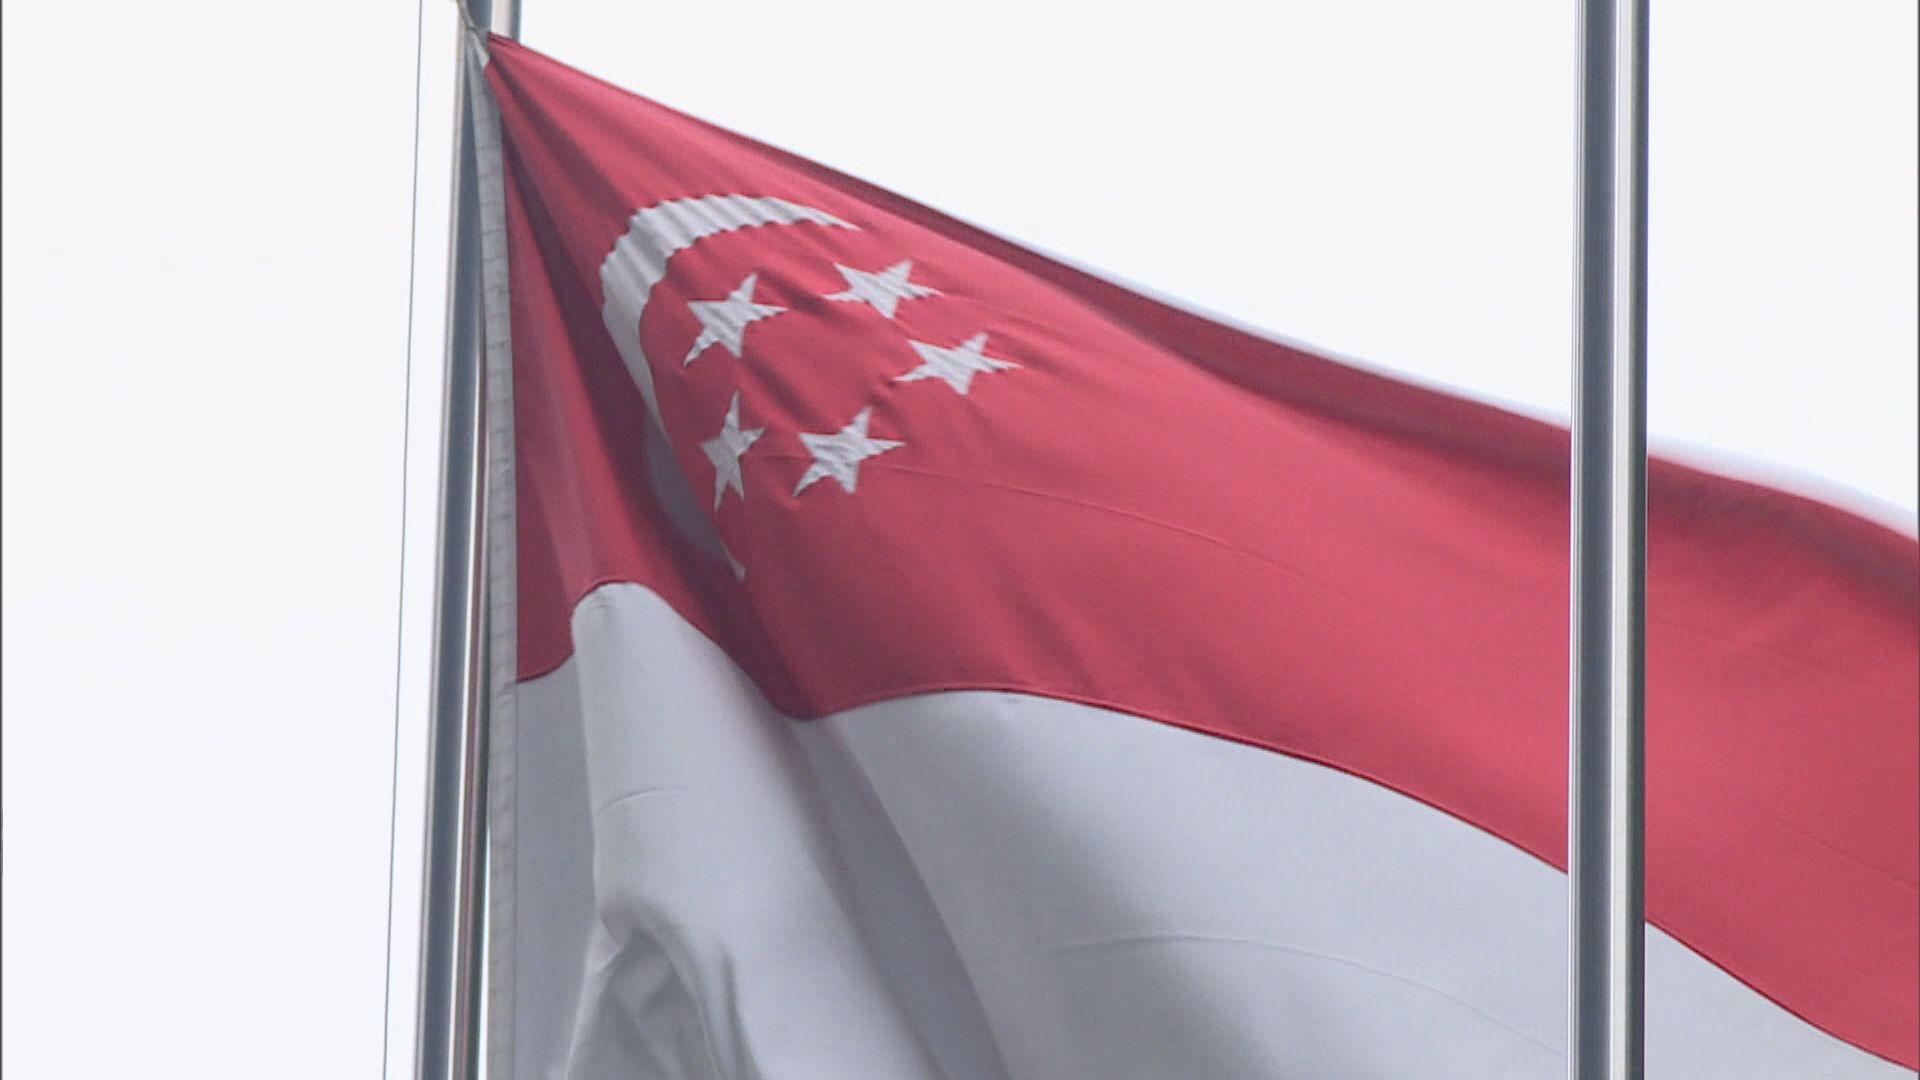 【不佔便宜】新加坡金管局警告勿趁香港動盪搶客